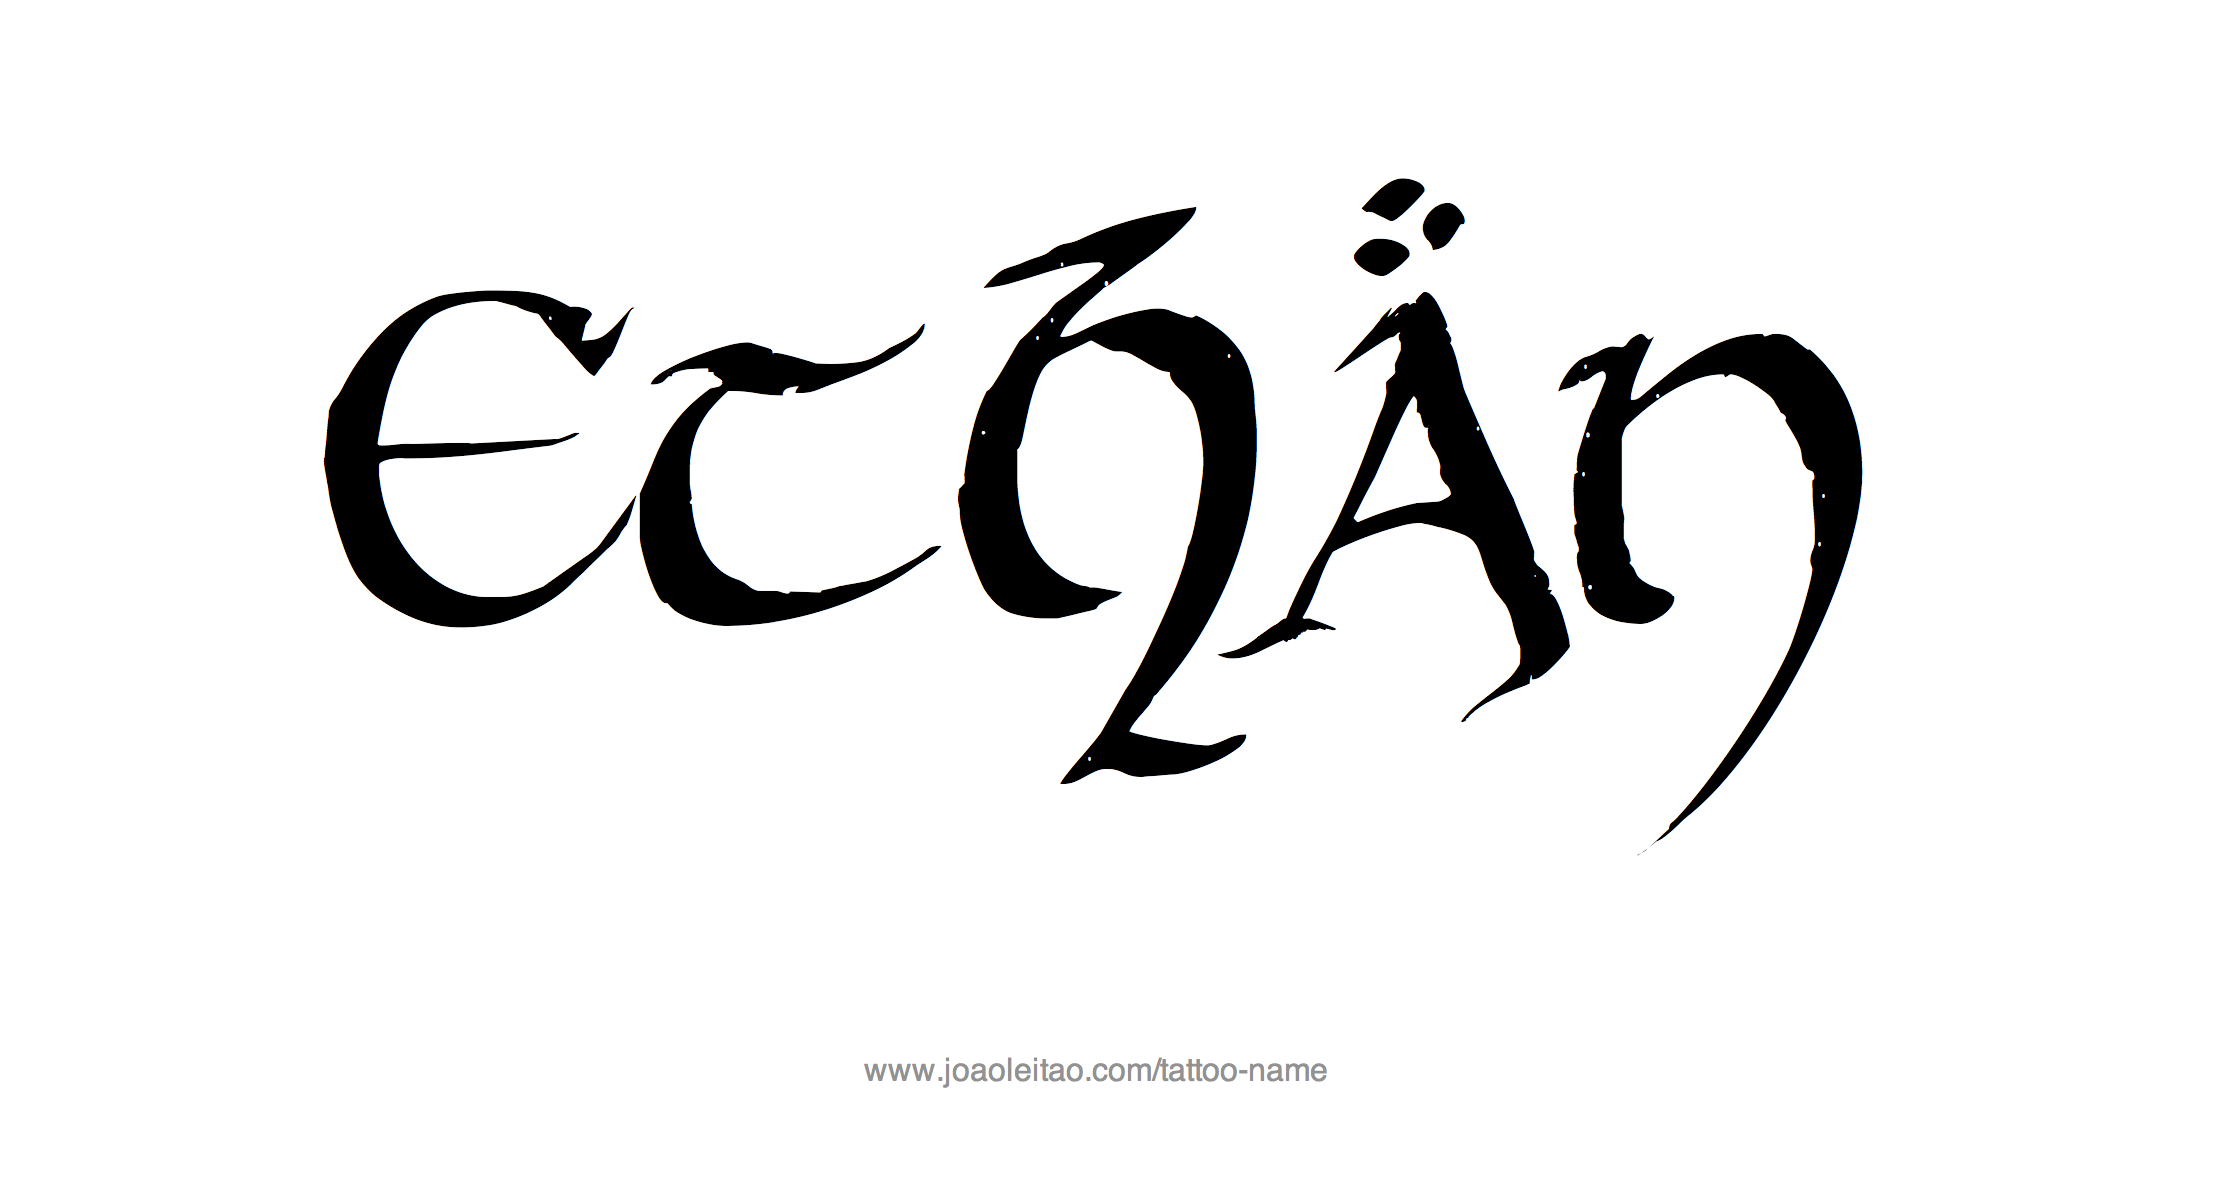 Ethan Name Tattoo Designs Name Tattoos Tattoo Designs Name